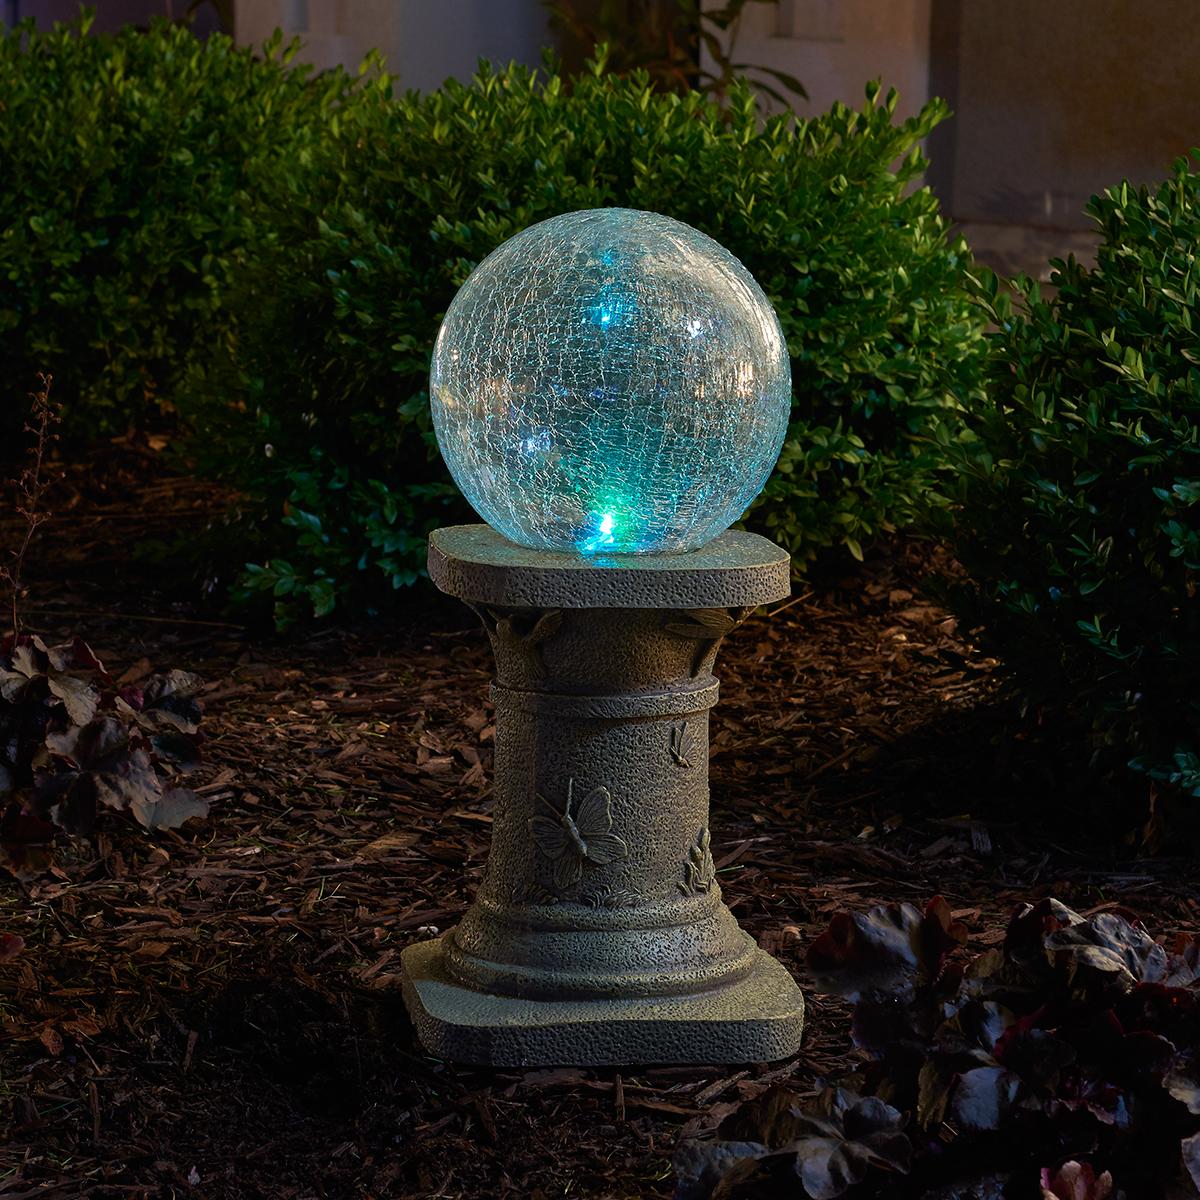 Chameleon Solar Gazing Ball by Smart Living Home & Garden